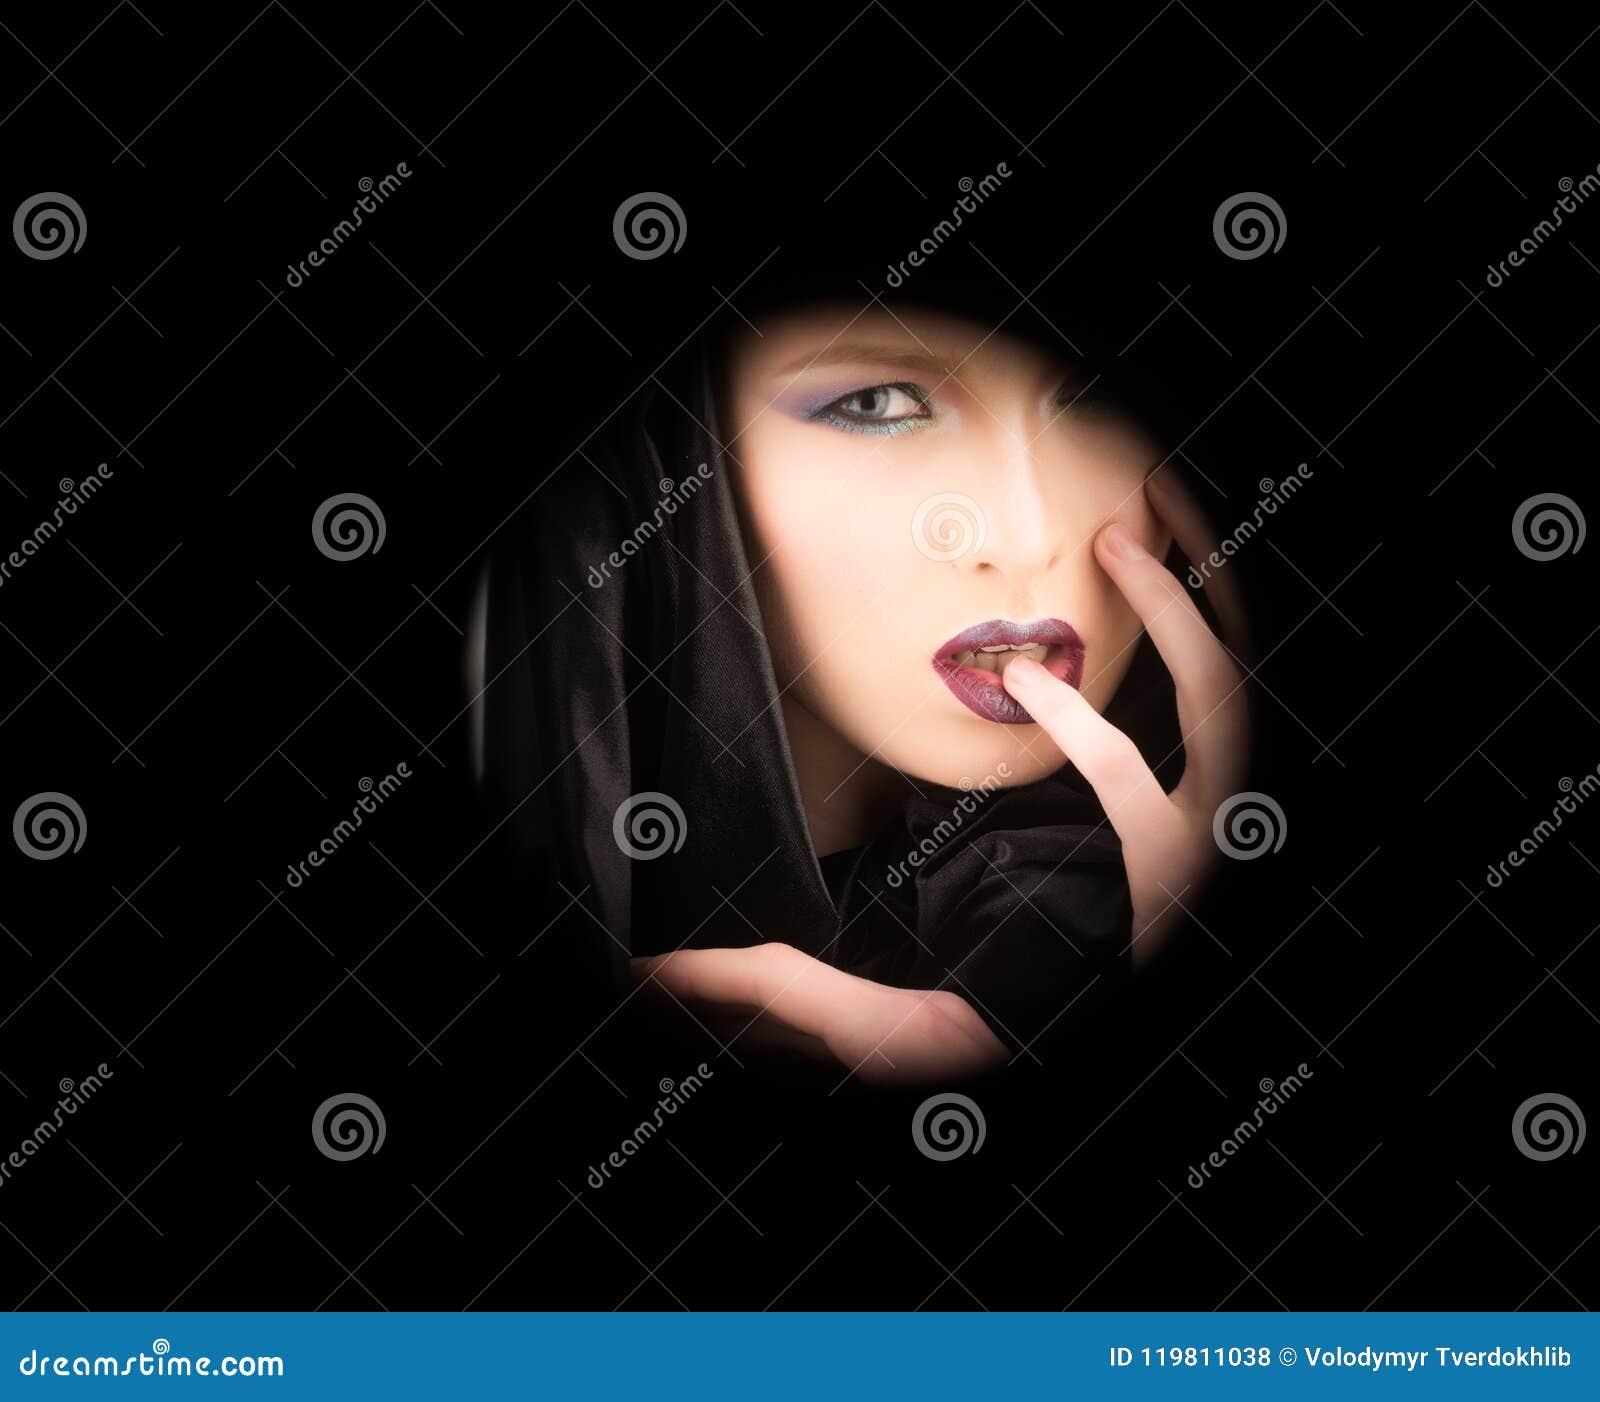 Фото черная кожа делает девушку сексуальной, порно смоленск русское